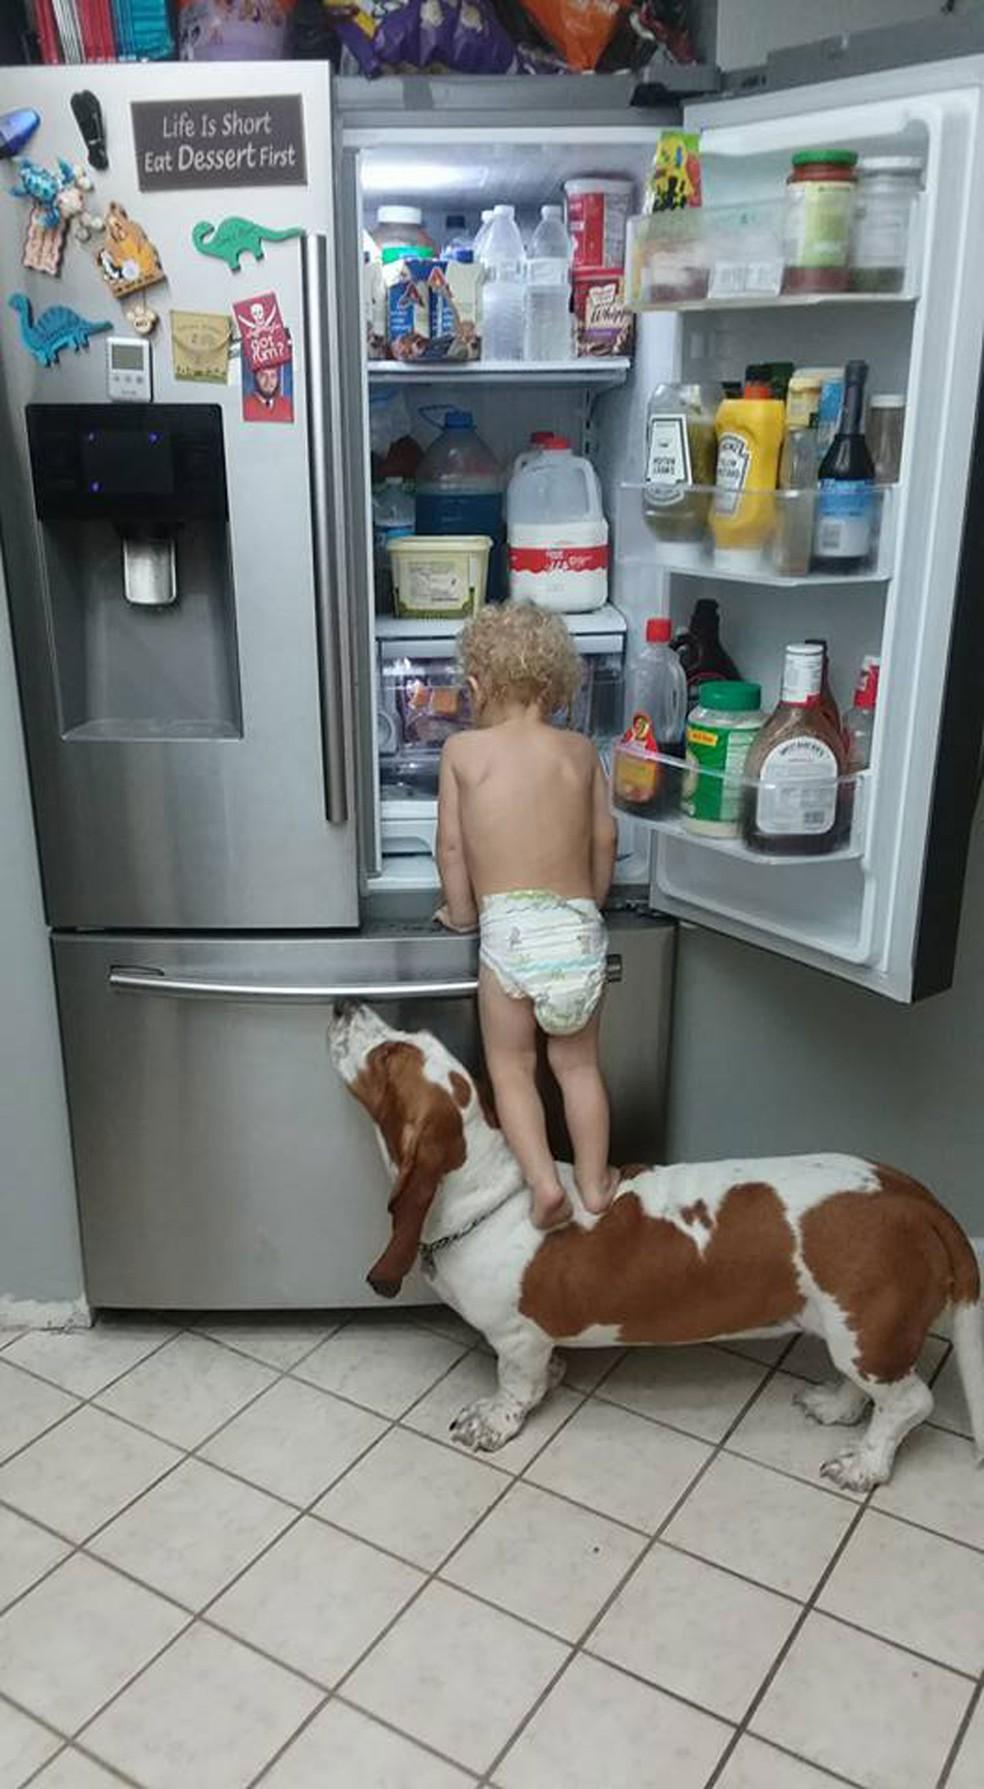 Bebê tem 'comparsa canino' para 'assaltar' geladeira nos EUA (Foto: Rob Herbert/Facebook)